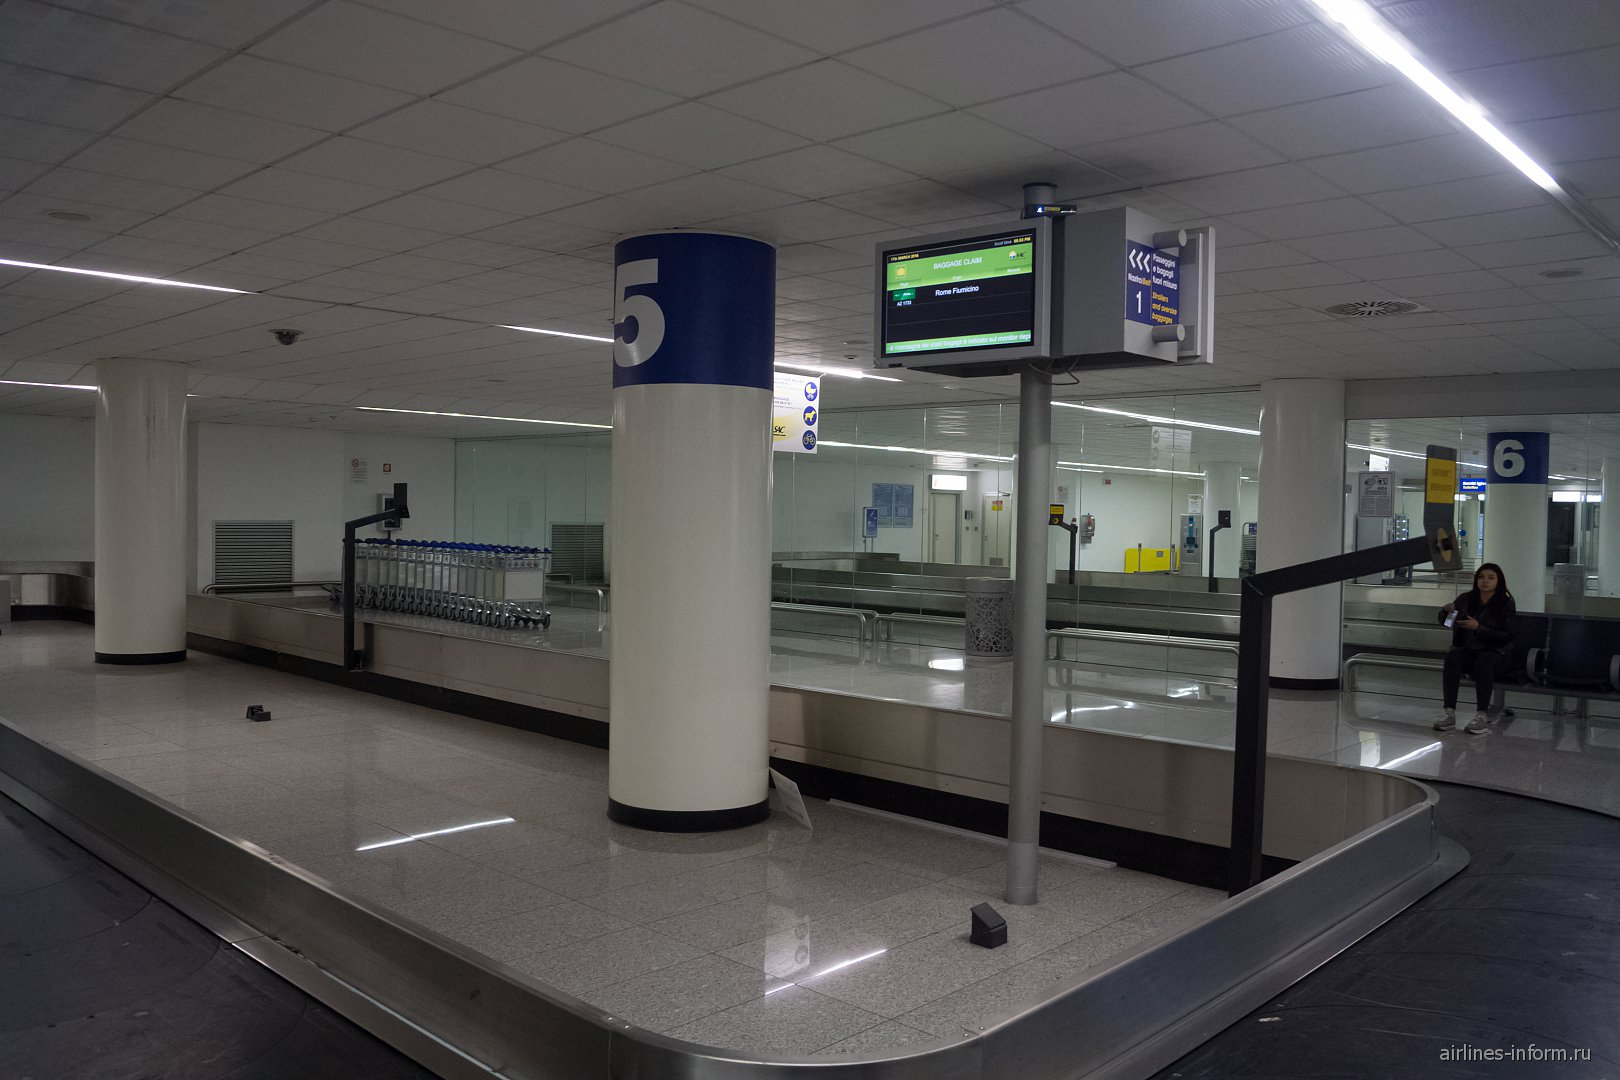 Лента выдачи багажа в аэропорту Катания Фонтанаросса